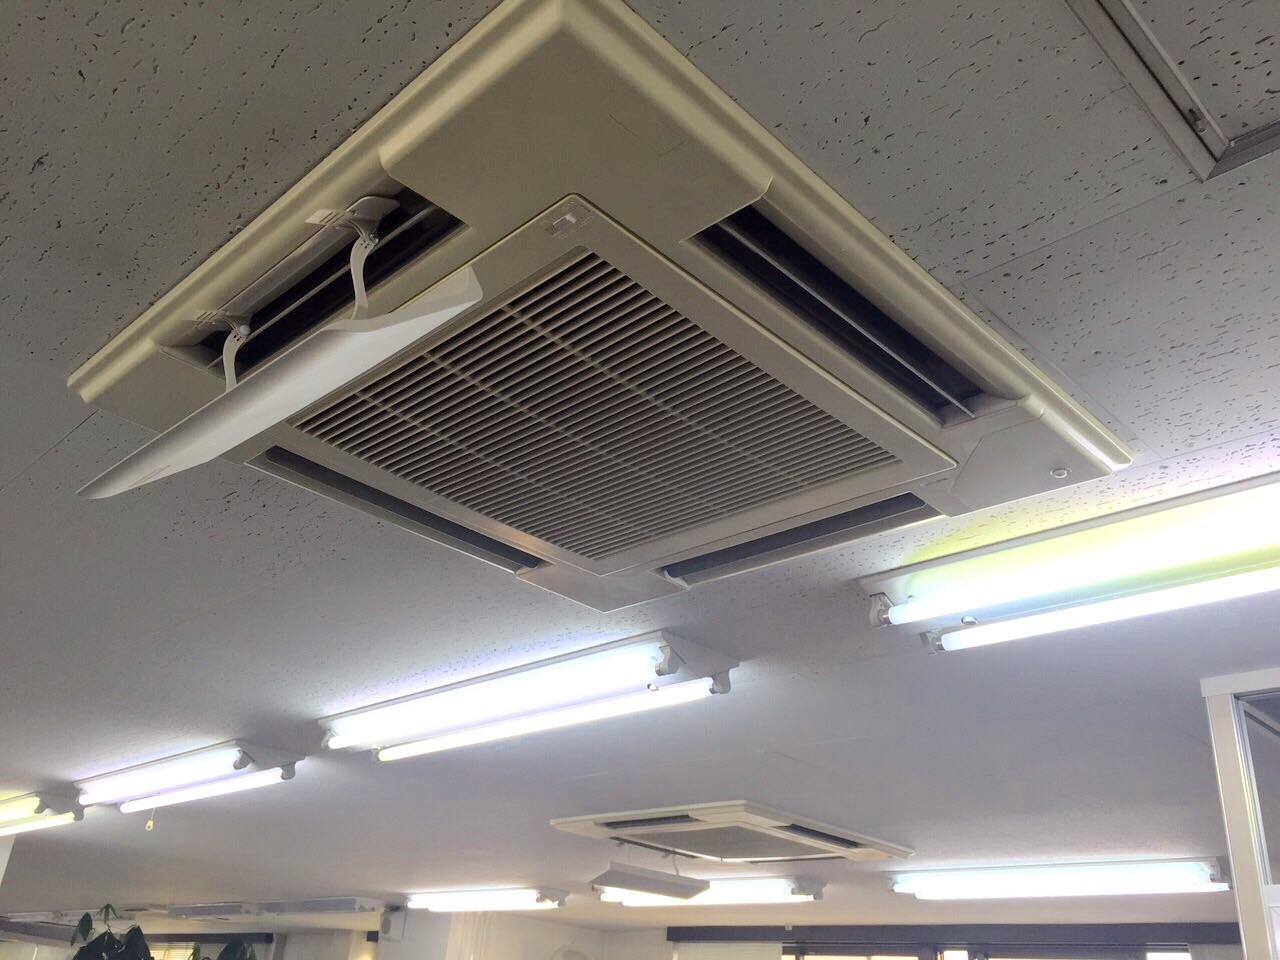 名古屋市   業務用エアコン工事   27年9月29日